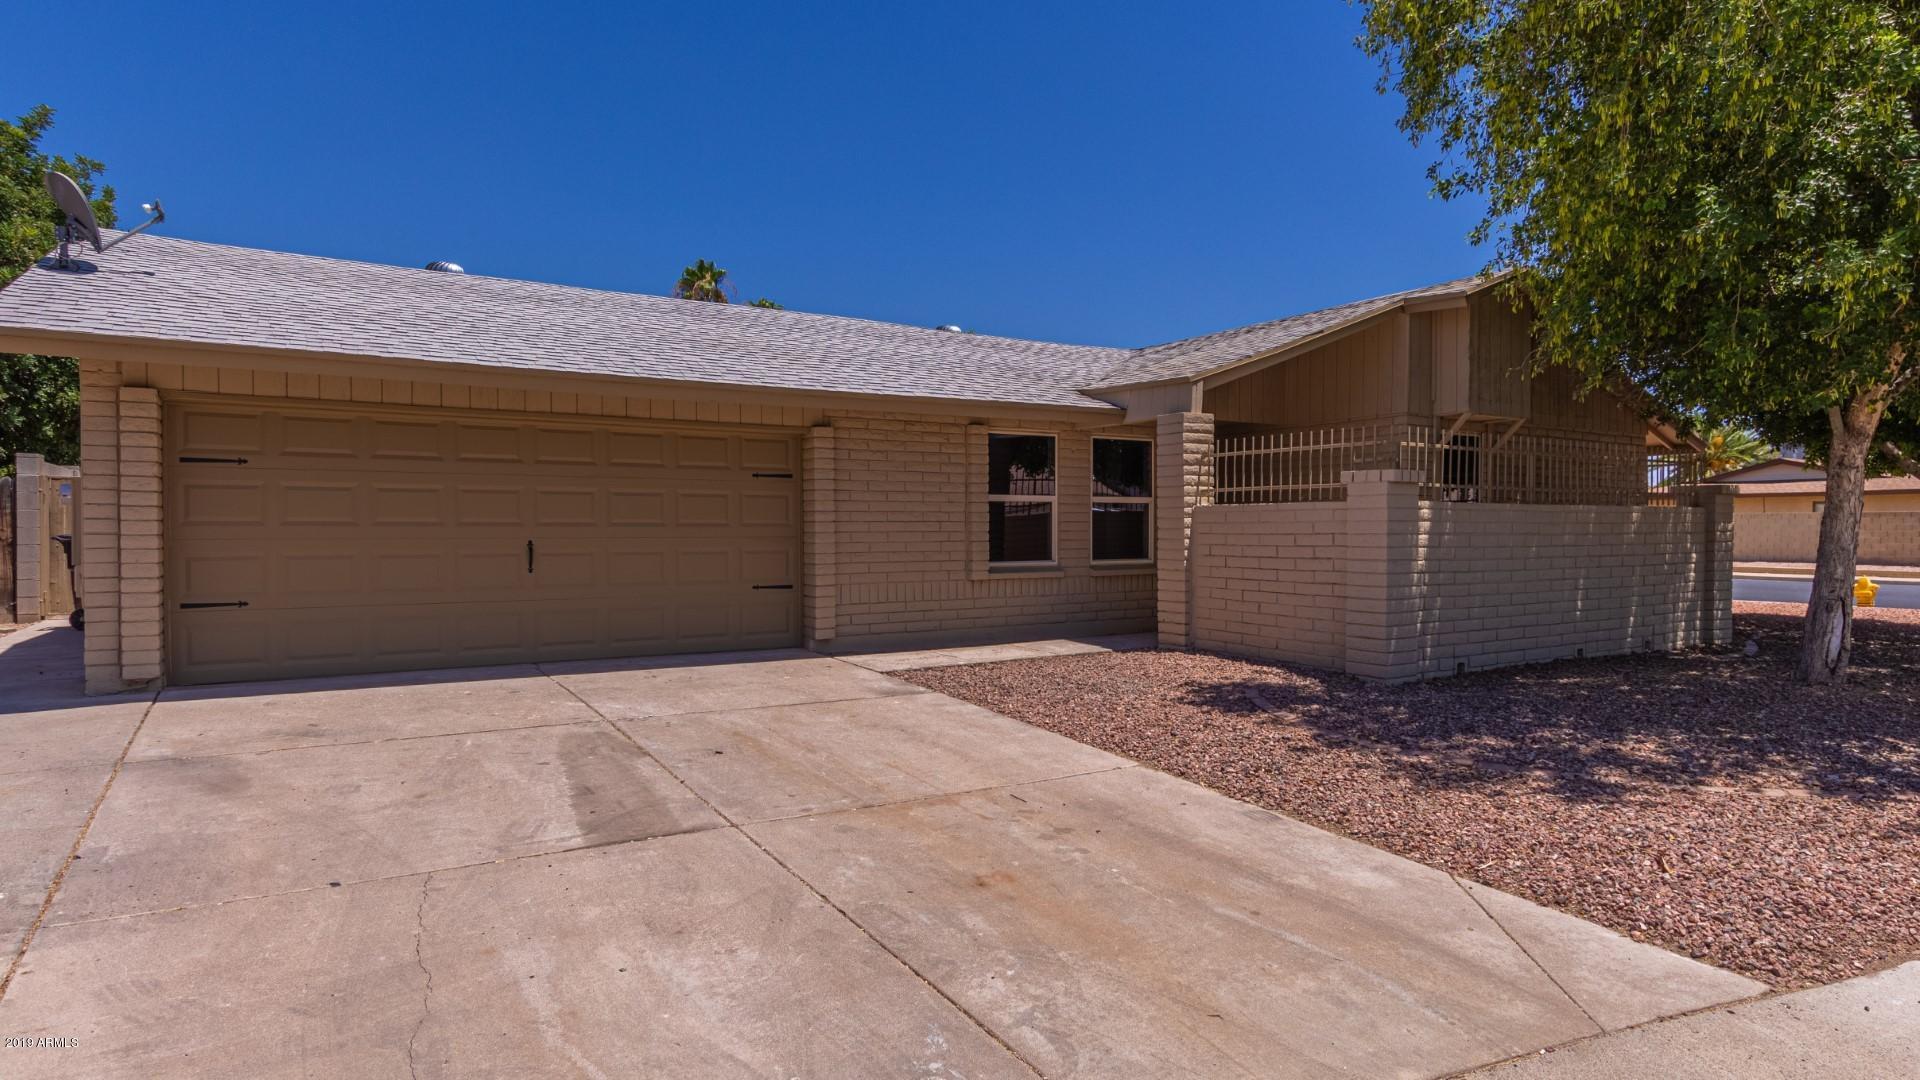 Photo of 3017 S ROGERS --, Mesa, AZ 85202